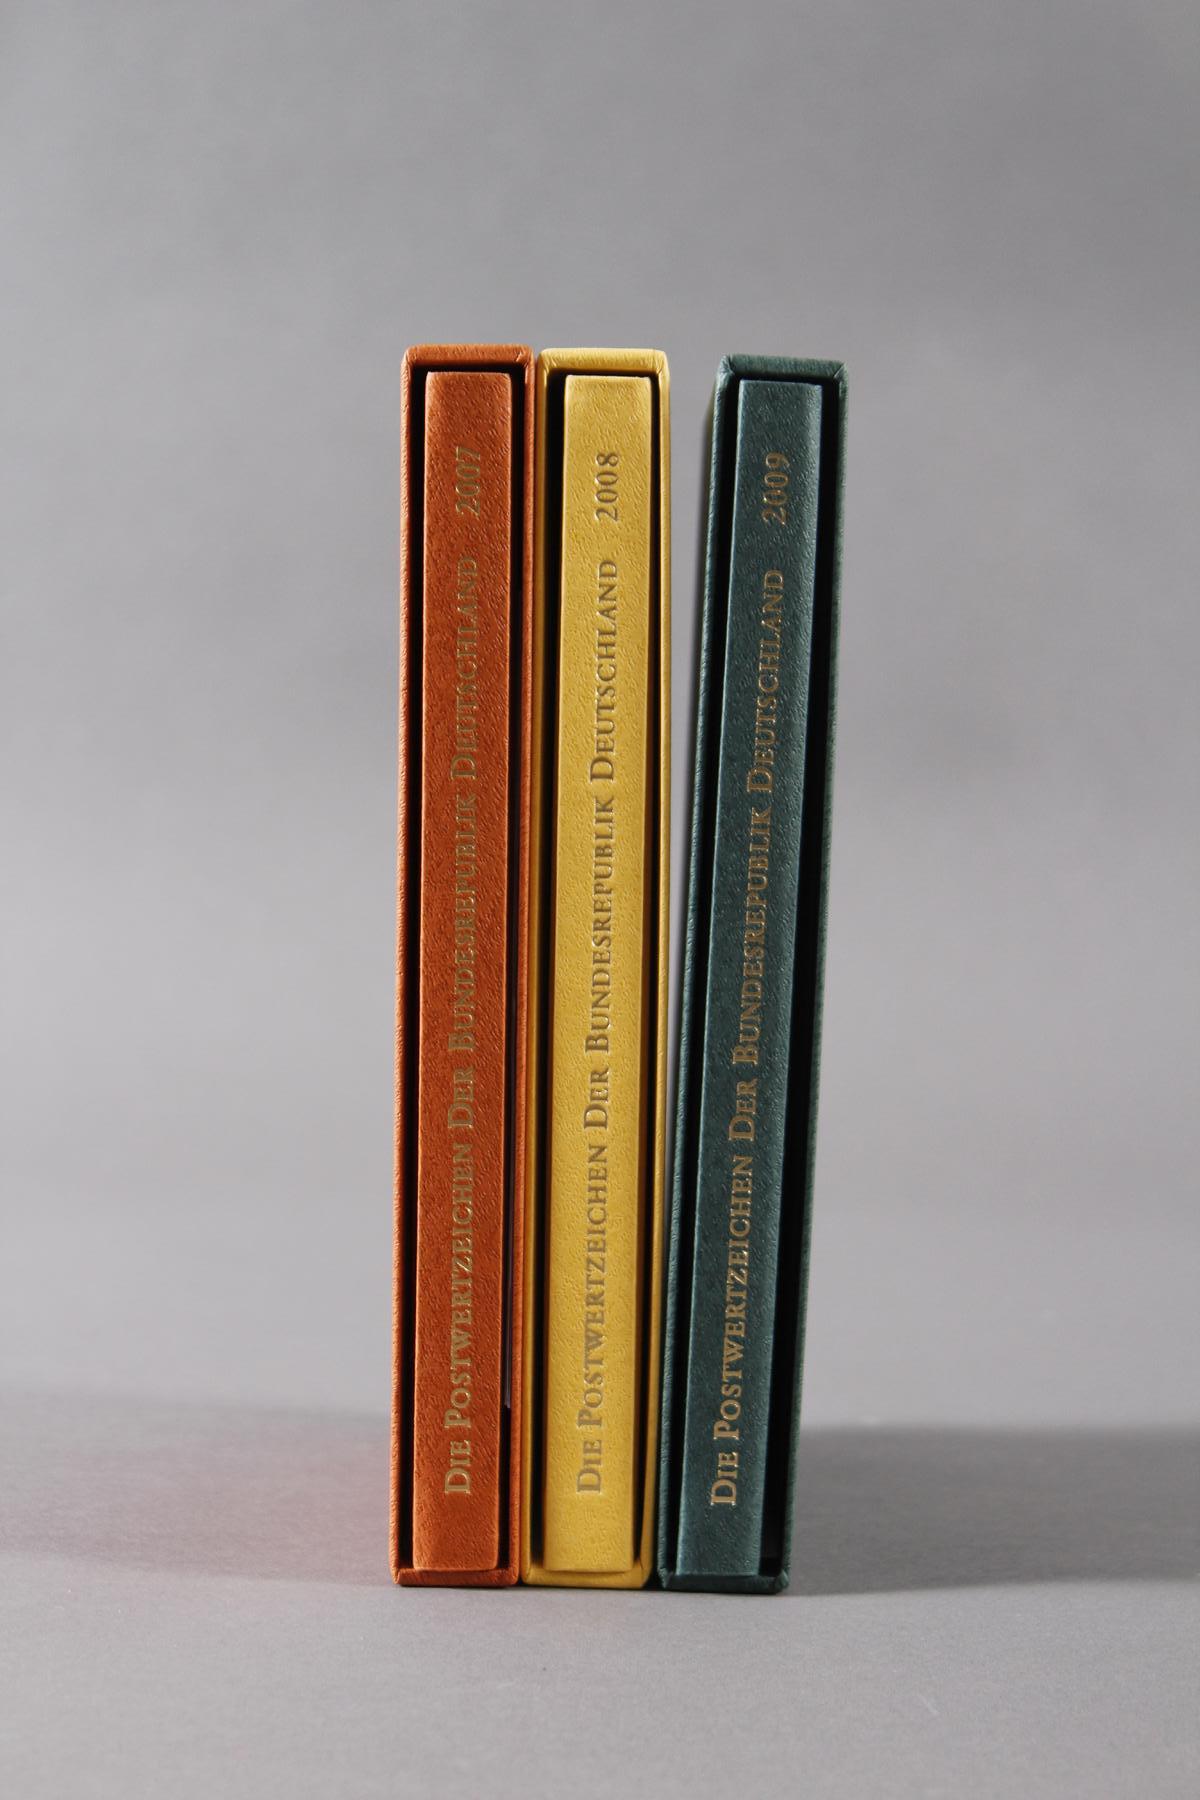 Jahrbücher Bundesrespublik Deutschland 2007-2009